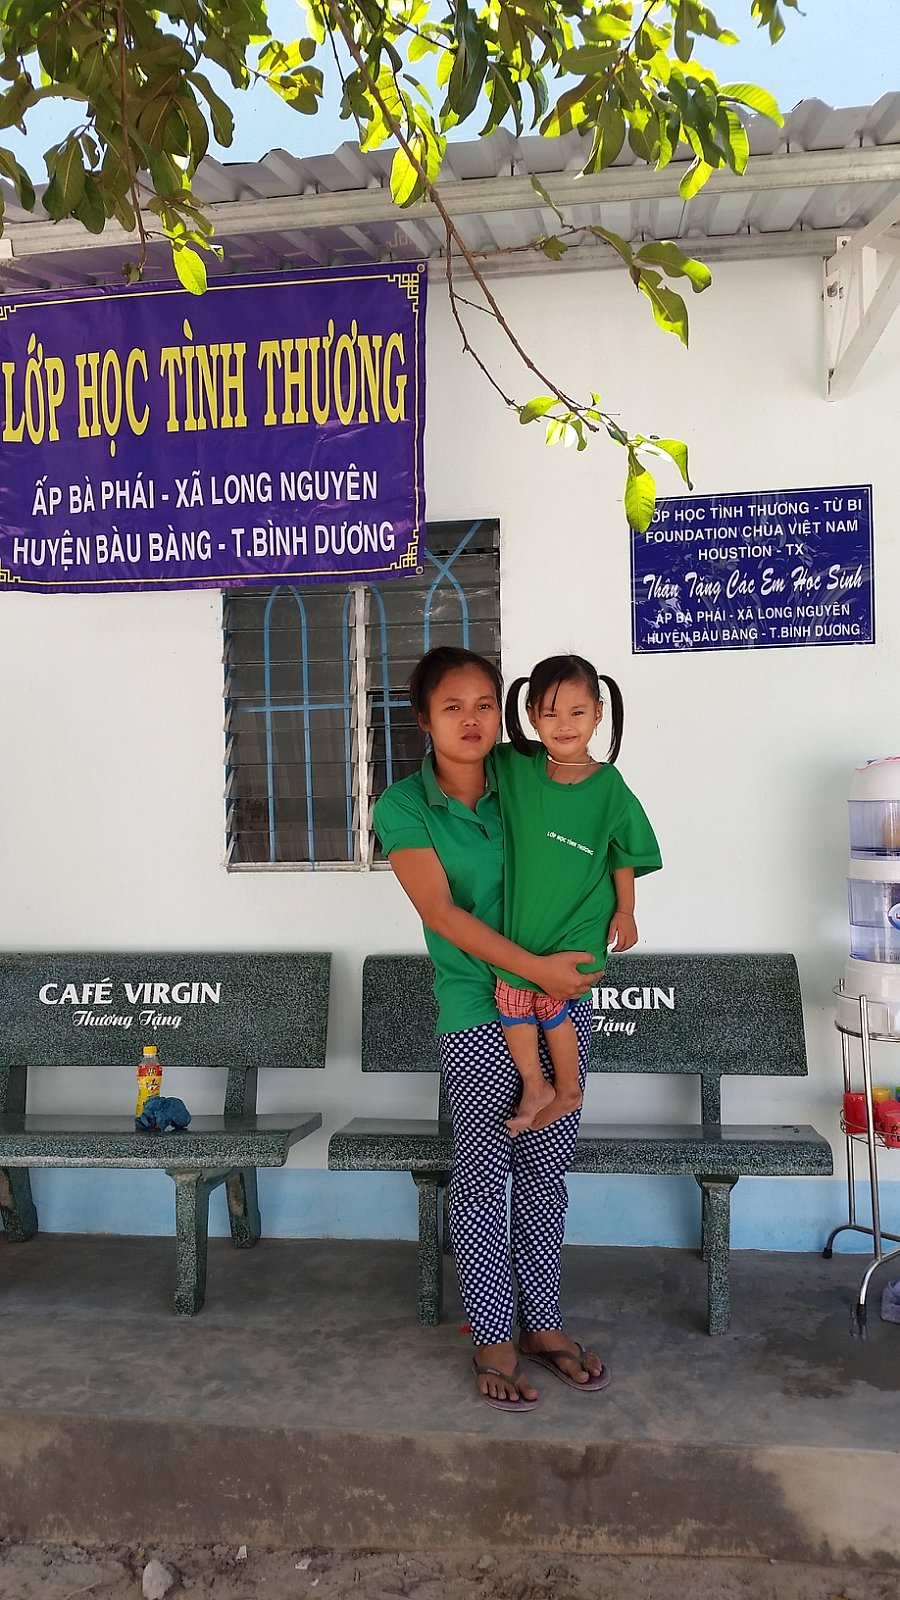 54 Lop Tu Bi tai Binh Duong (05)